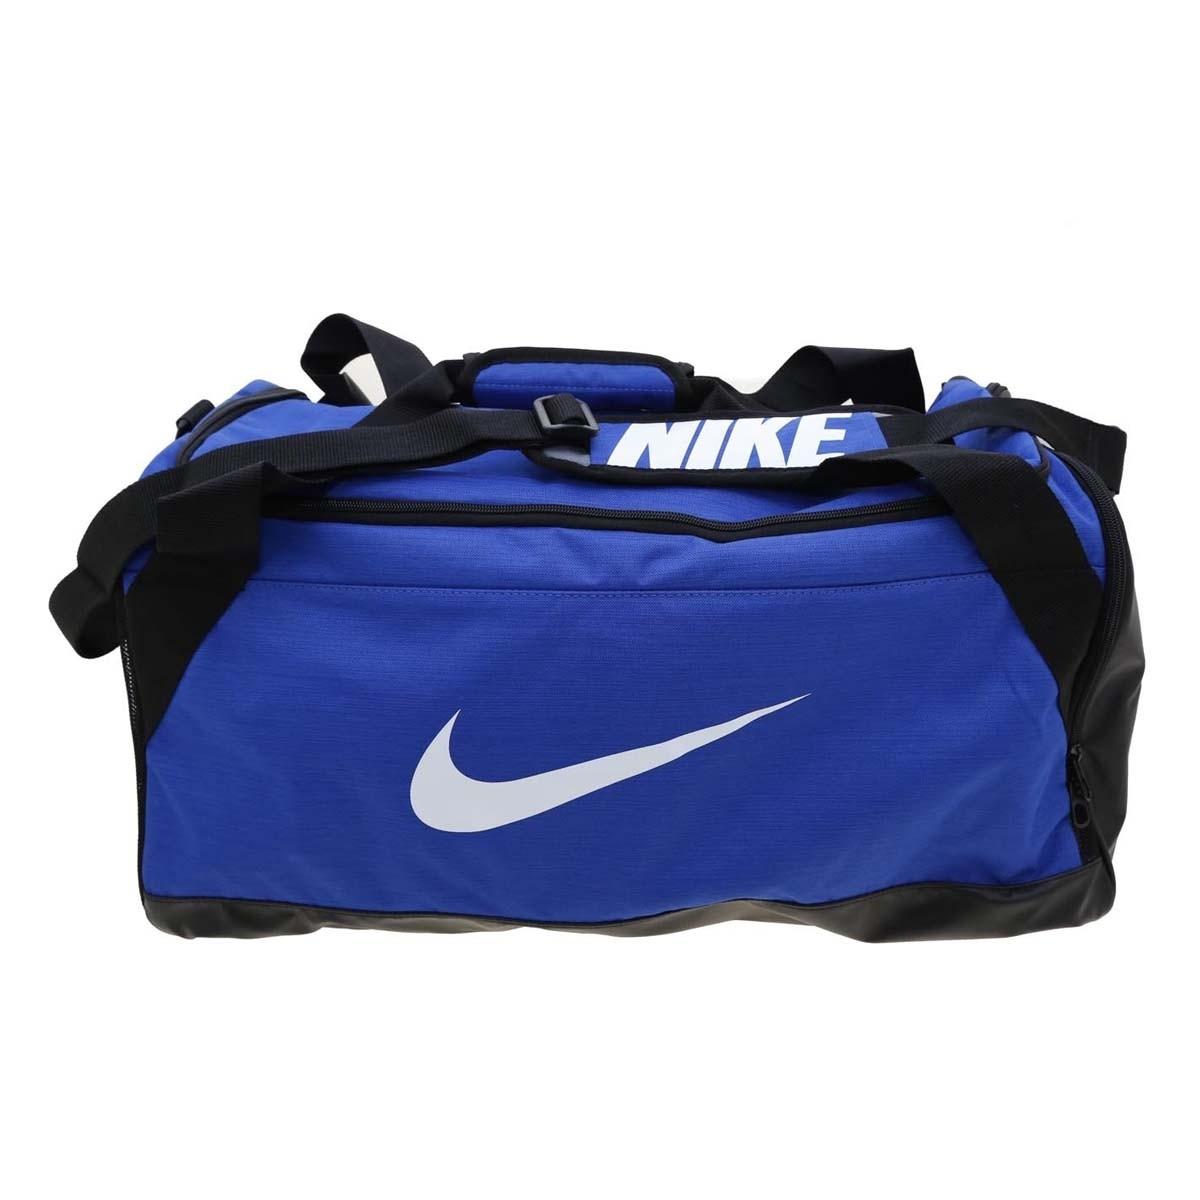 b962a1ba03 Nike BRASILIA DUFFEL ΣΑΚΟΣ UNISEX - BA5334-480